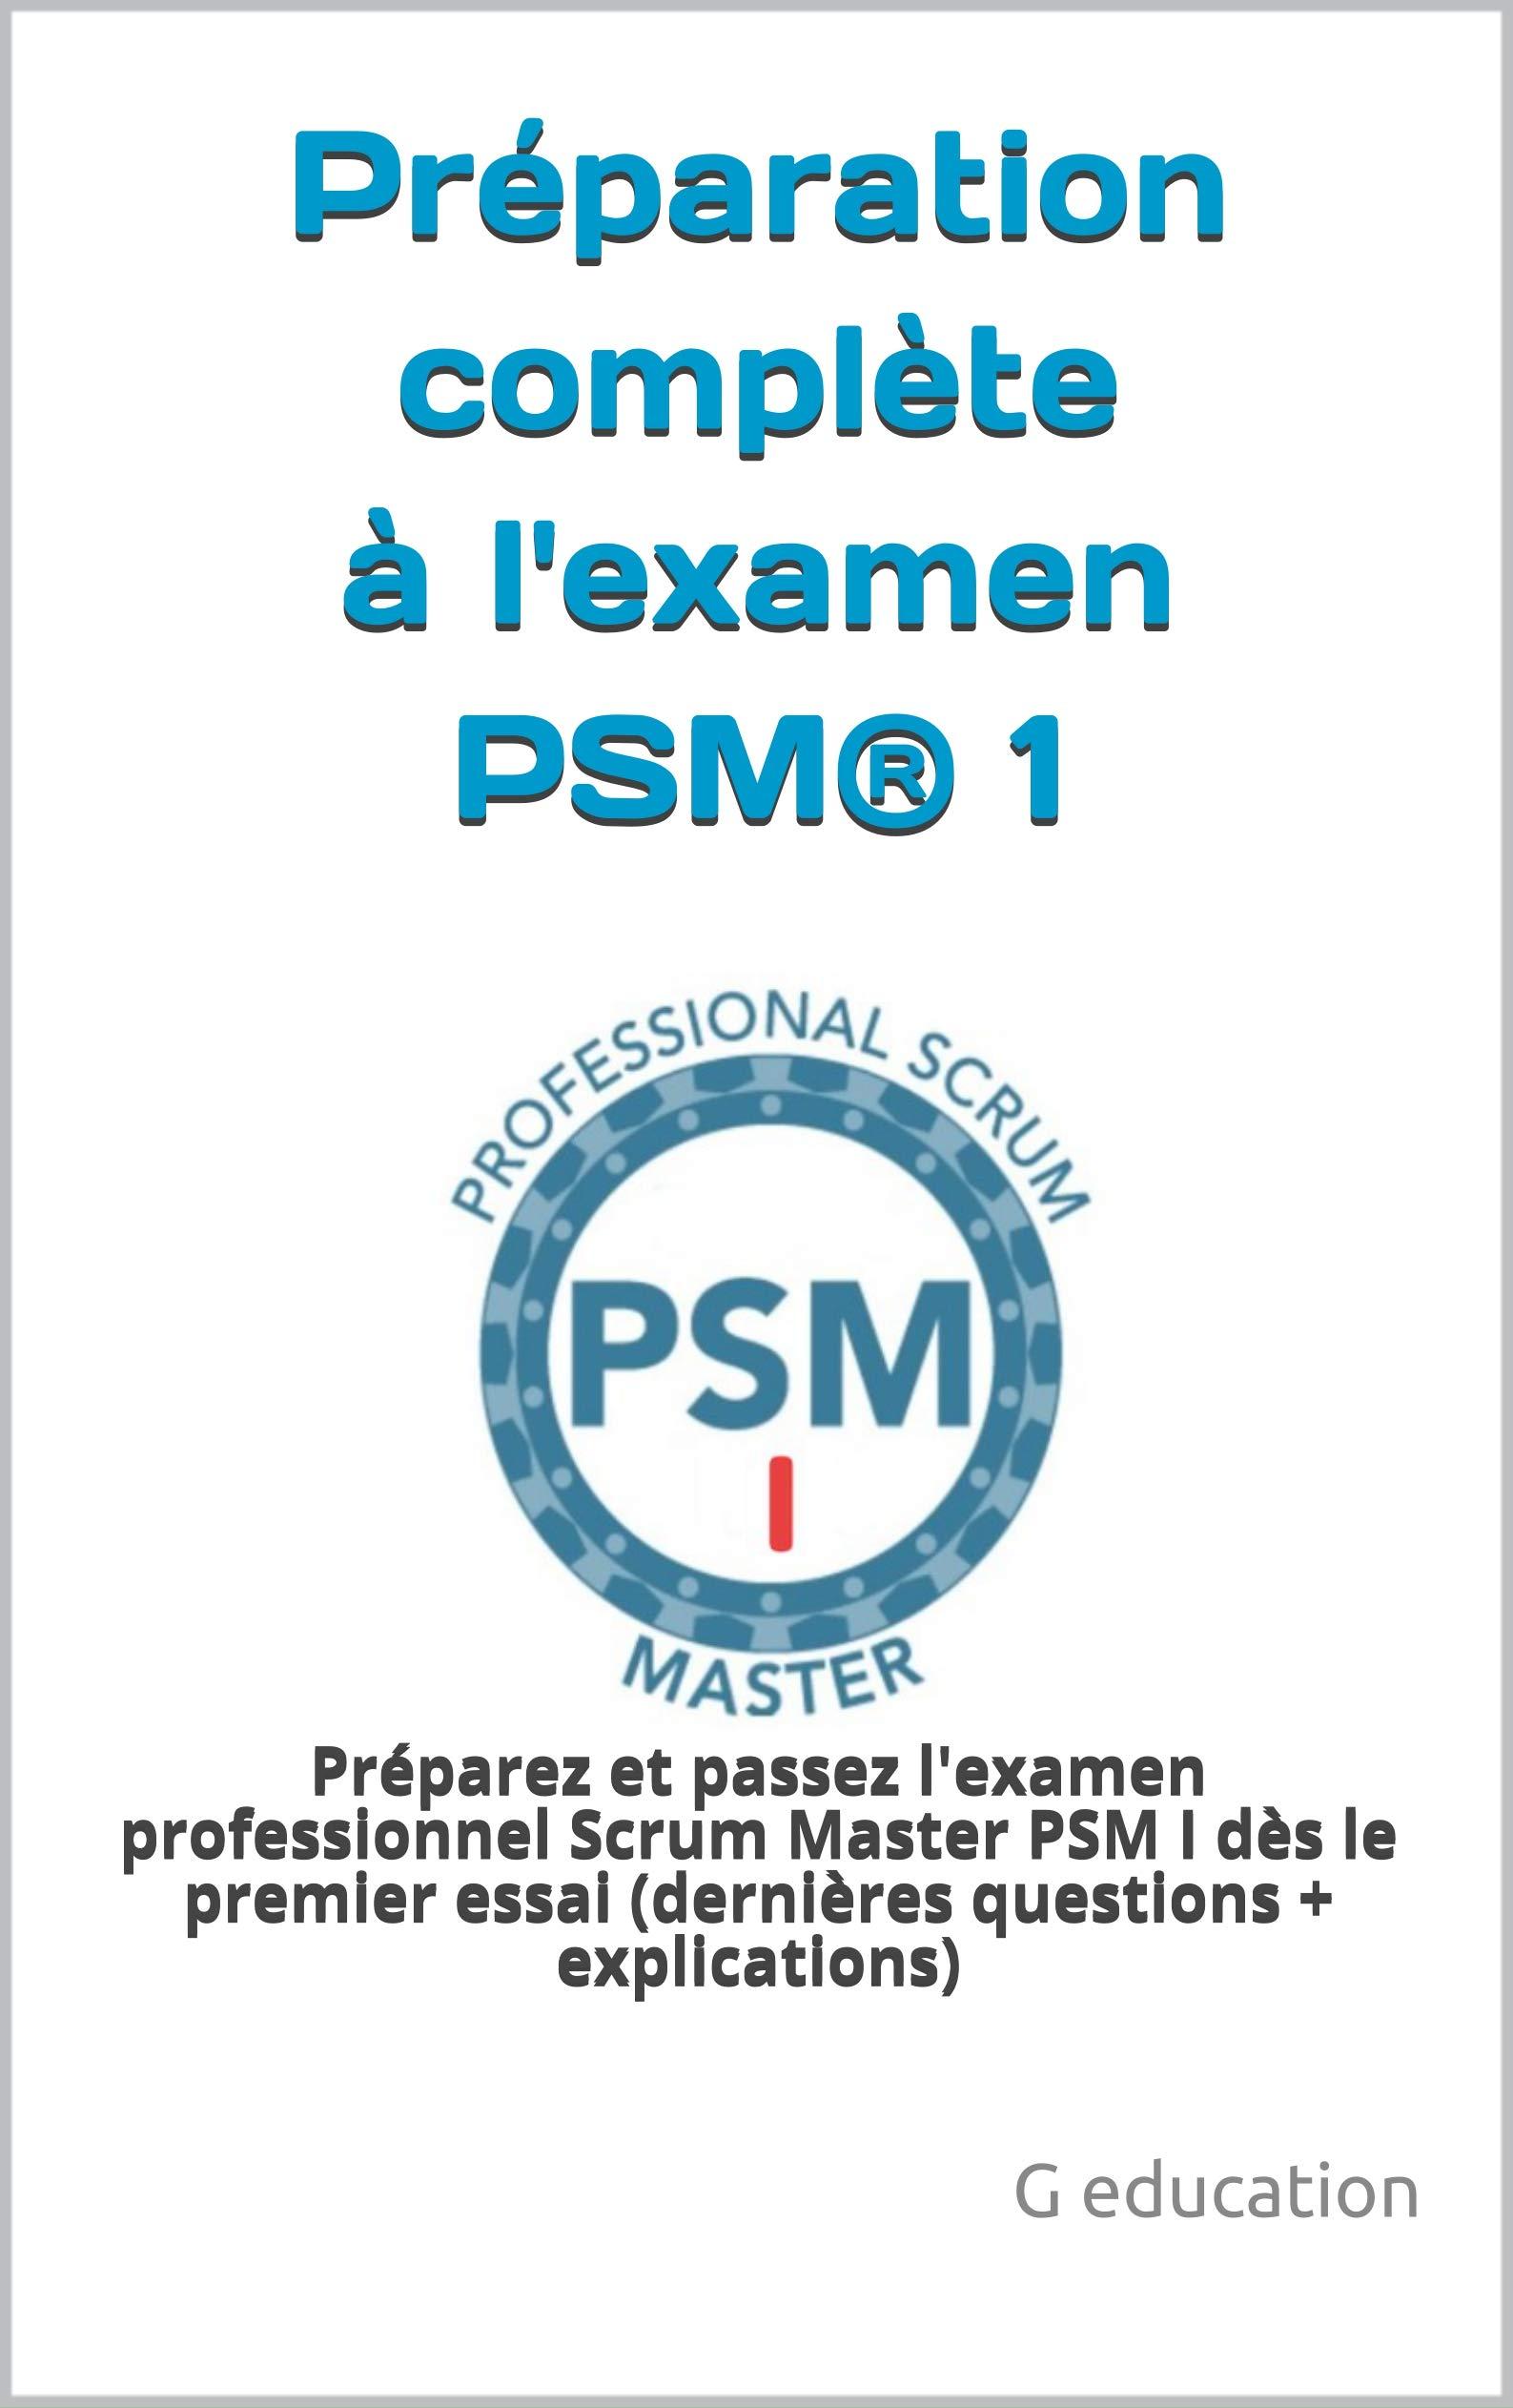 Préparation complète à l'examen PSM® 1: Préparez et passez l'examen professionnel Scrum Master PSM I dès le premier essai (dernières questions + explications) par G education